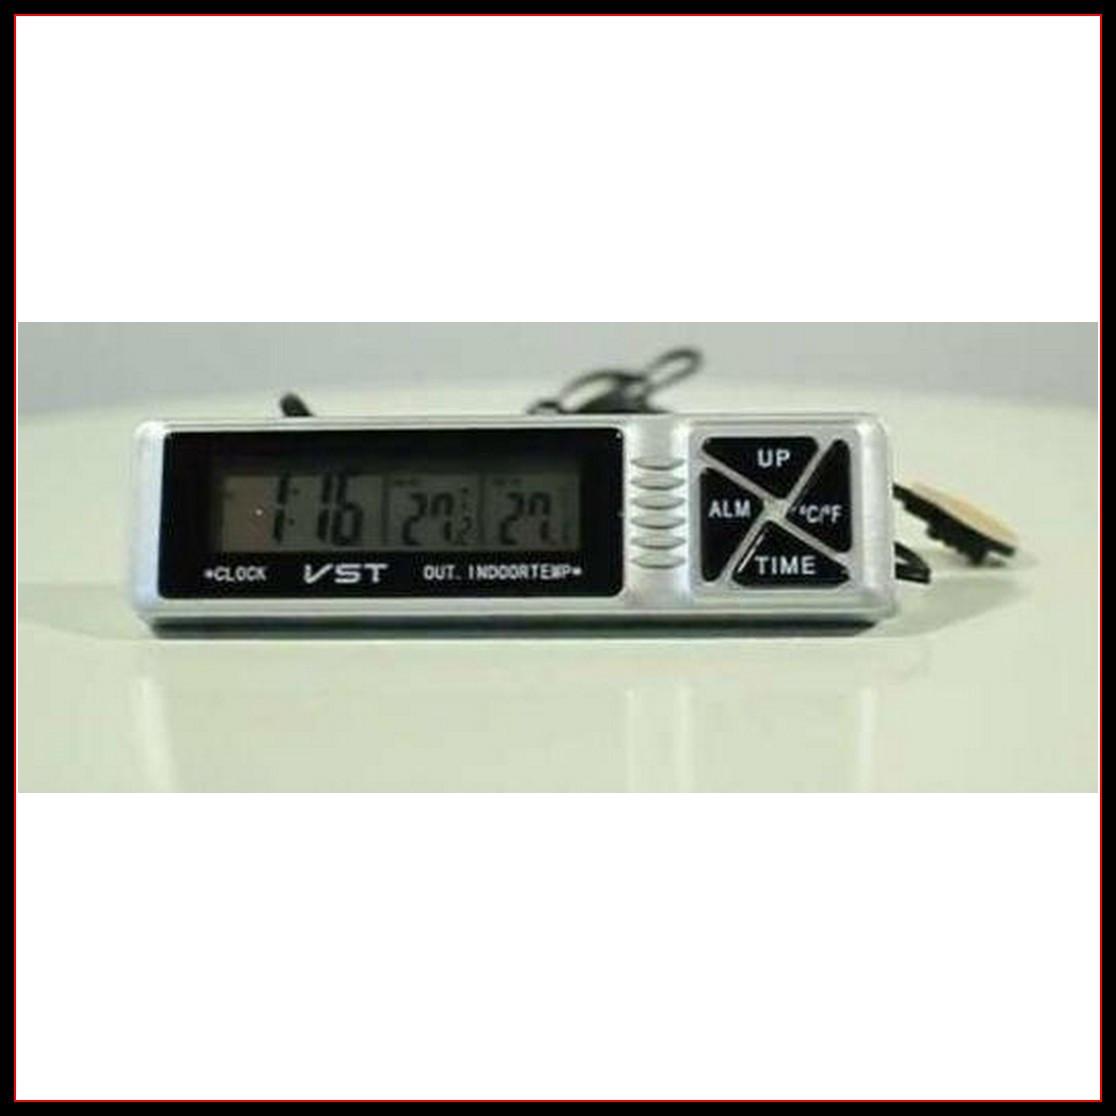 Автомобильные часы с термометром и будильником vst 7066 CG10 PR2